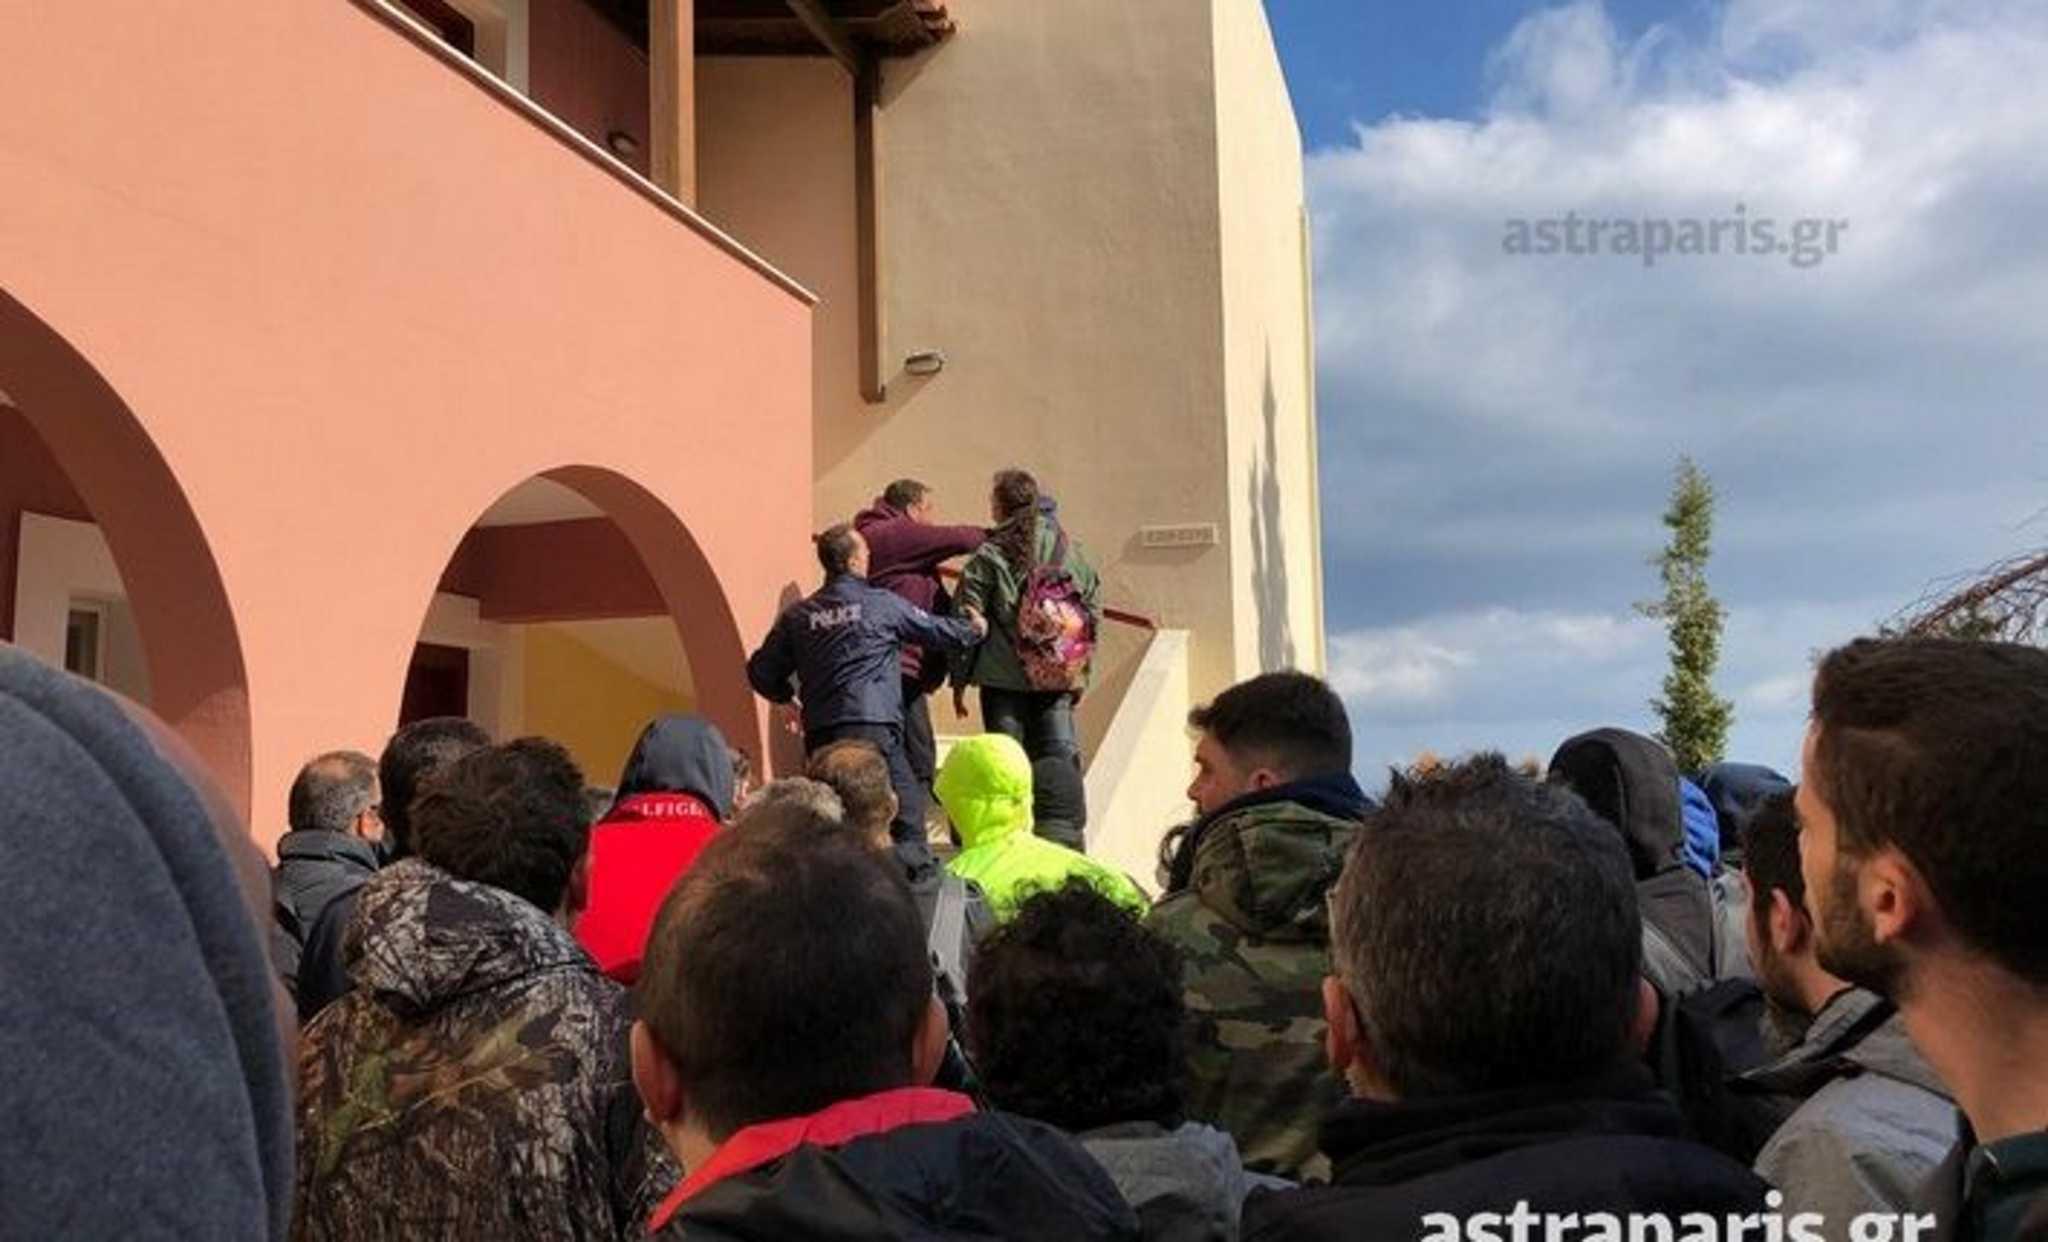 Χίος: Μία σύλληψη και 11 προσαγωγές για το λιντσάρισμα αστυνομικών των ΜΑΤ! video